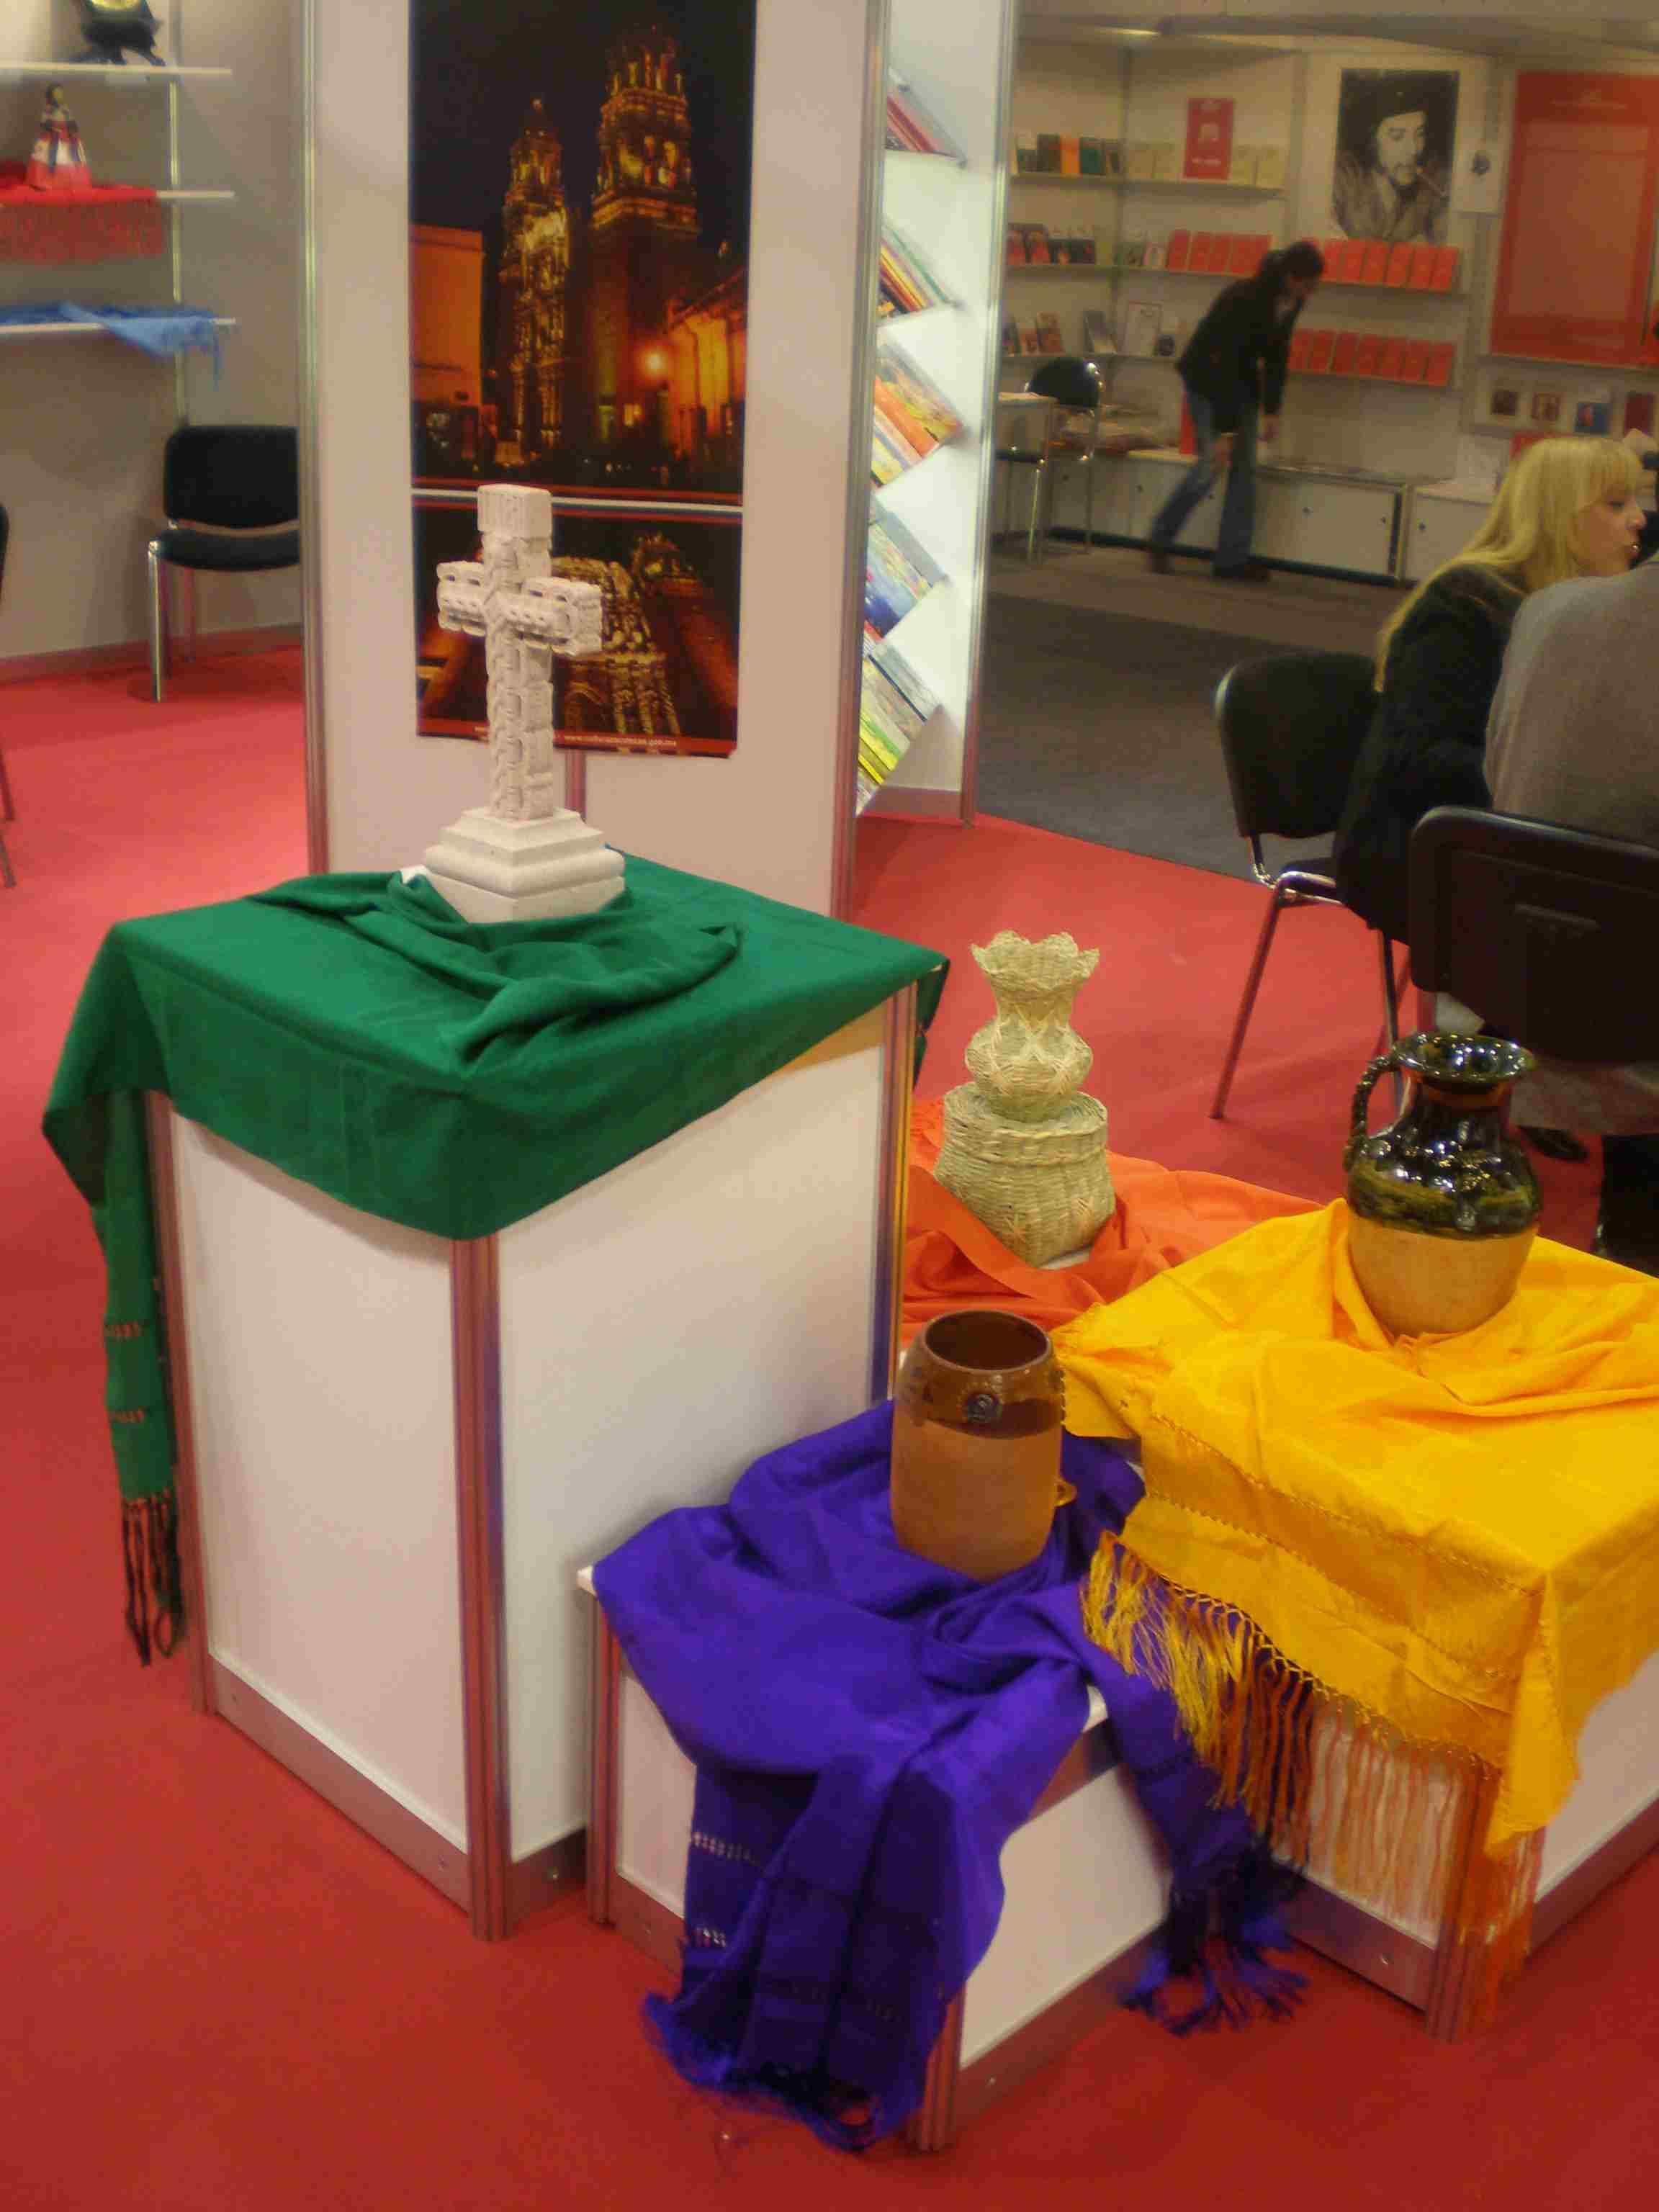 Obr. 8: V centru mexického stánku stál stylizovaný oltář spojující různé kulturní proudy, na základě kterých vznikla mexická kultura